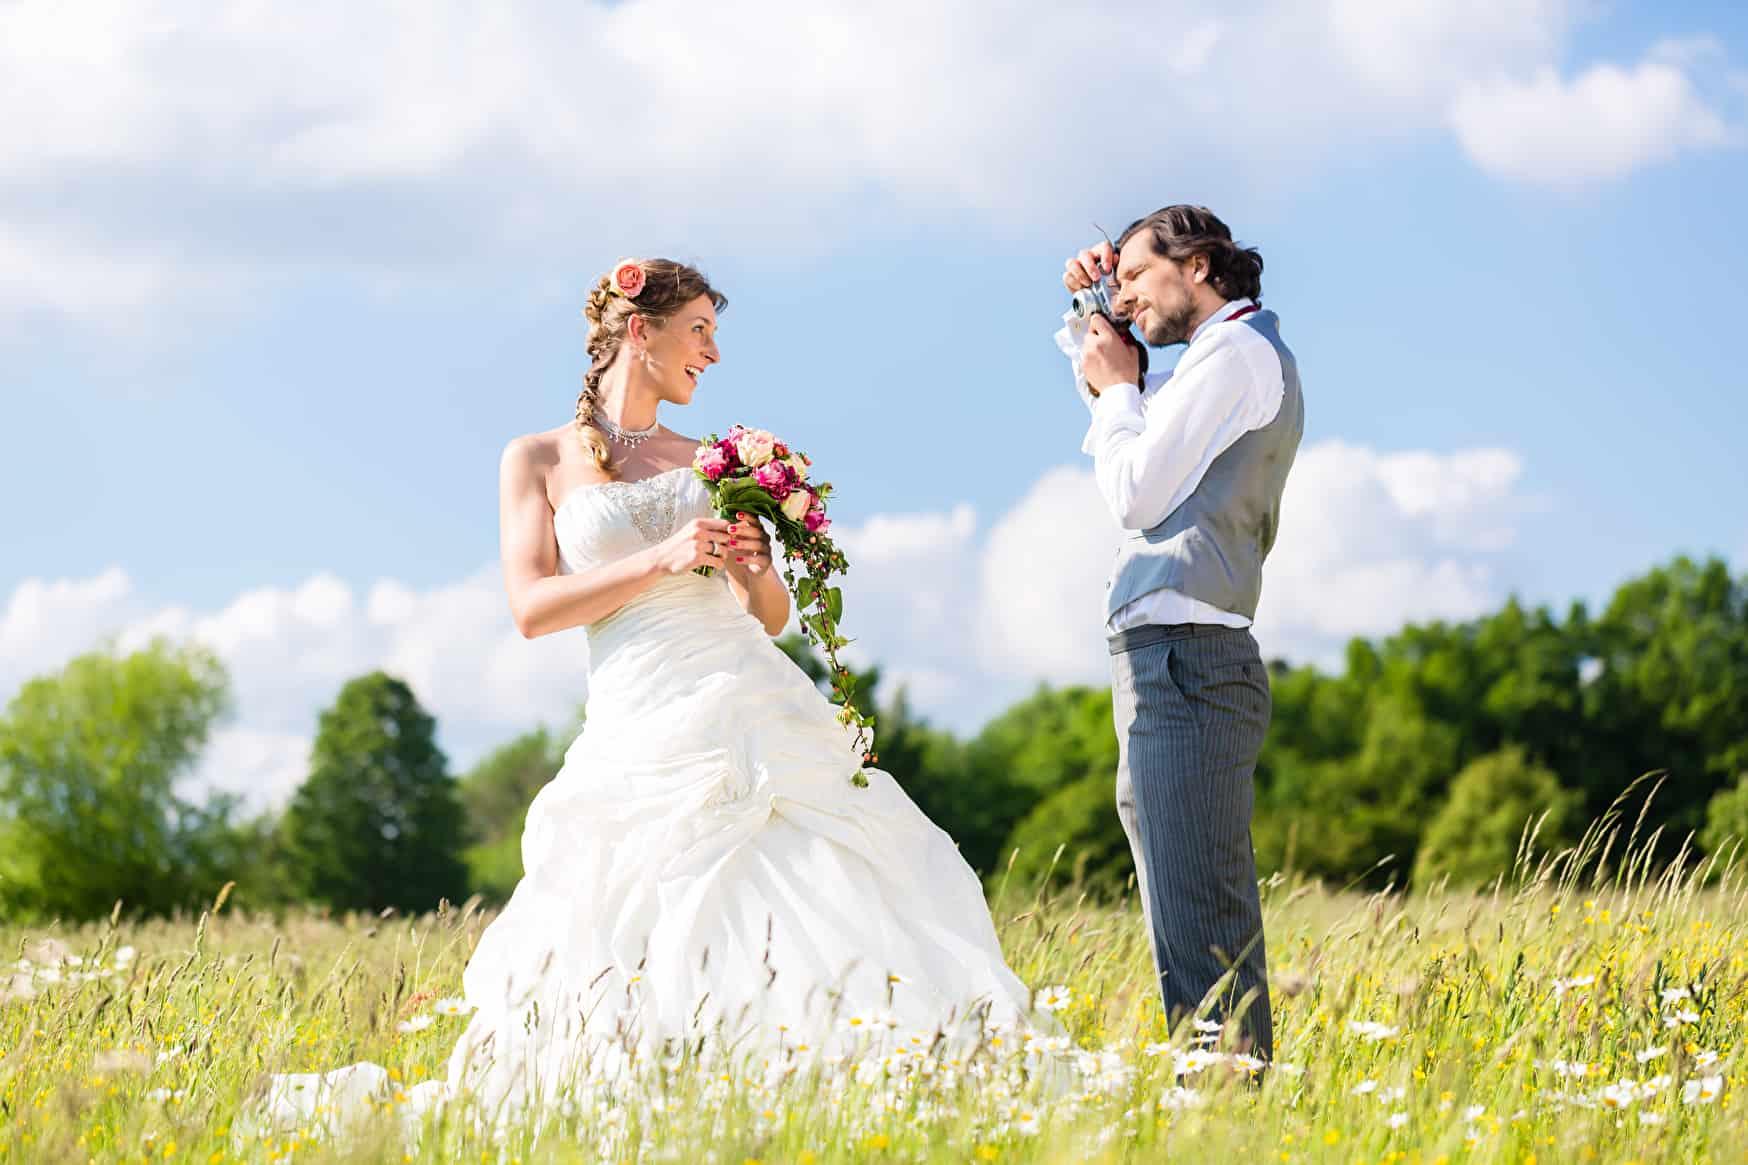 Fotos auf der Hochzeit | © panthermedia.net / Arne Trautmann